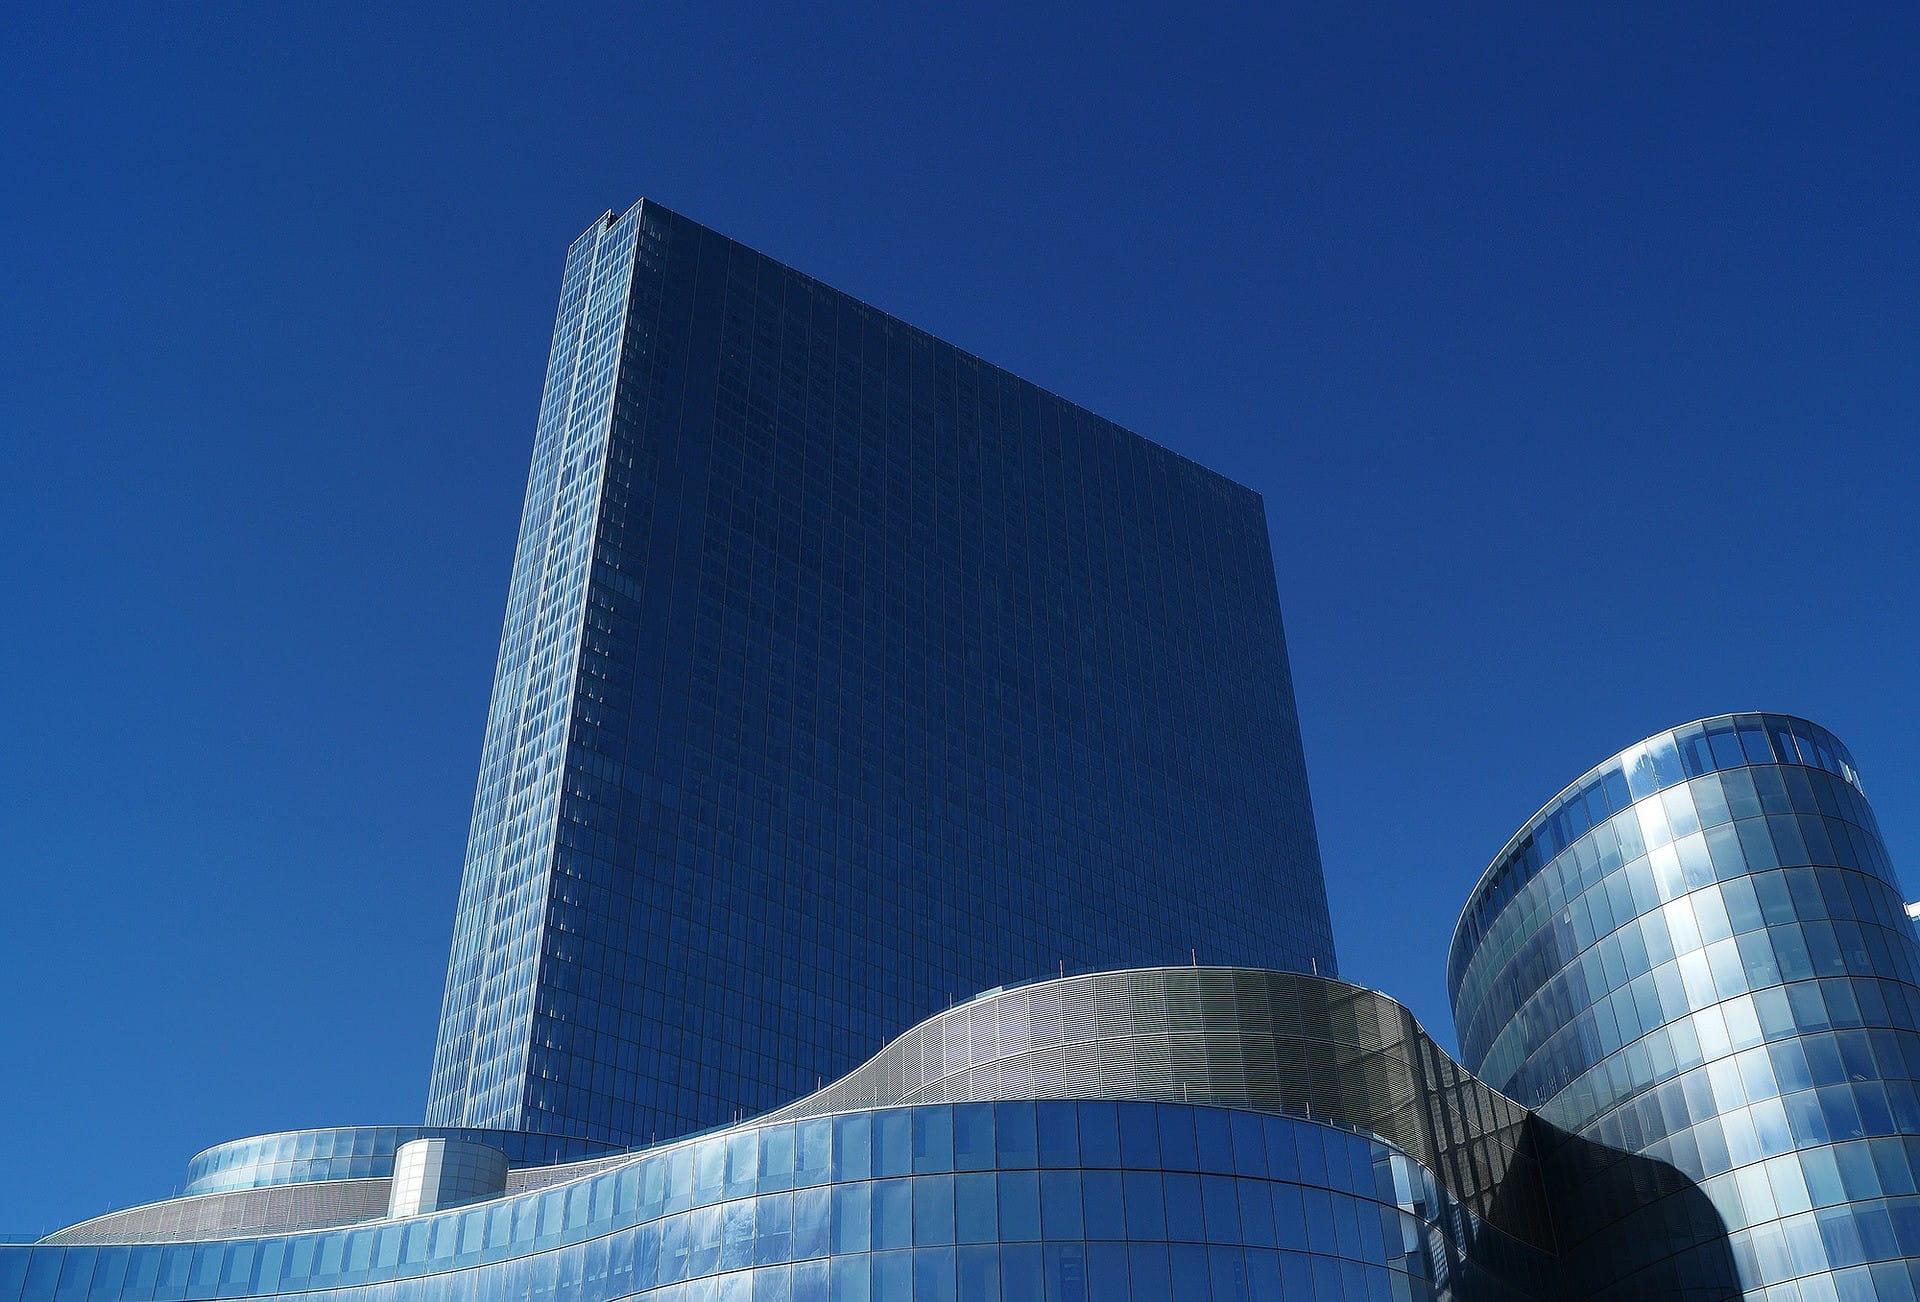 Sebuah bangunan modern khas Atlantic City, New Jersey.